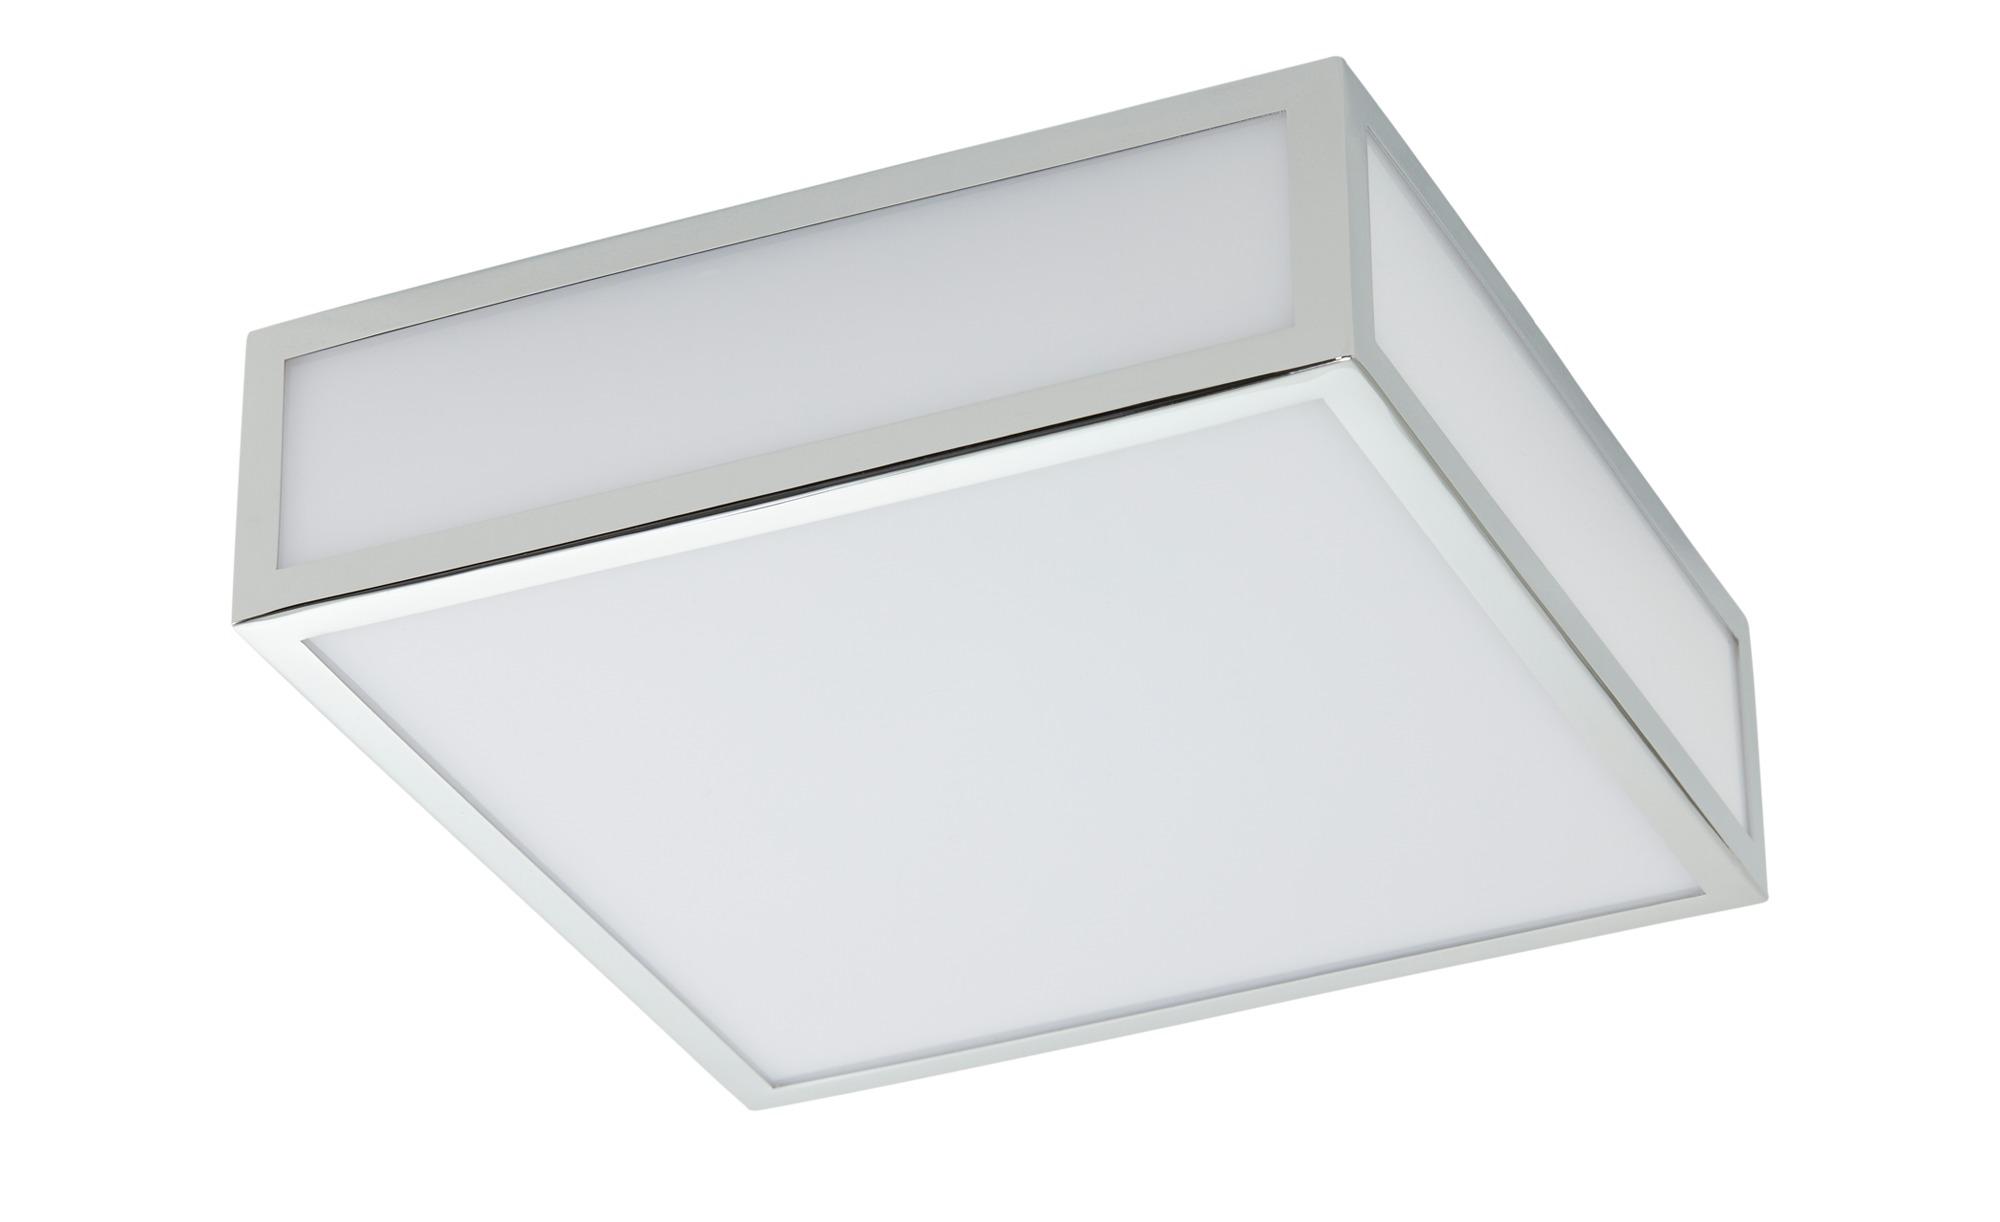 LED-Deckenleuchte, 1-flammig, chrom, eckig IP44 ¦ silber ¦ Maße (cm): B: 22 H: 7,5 Lampen & Leuchten > Innenleuchten > Deckenleuchten - Höffner